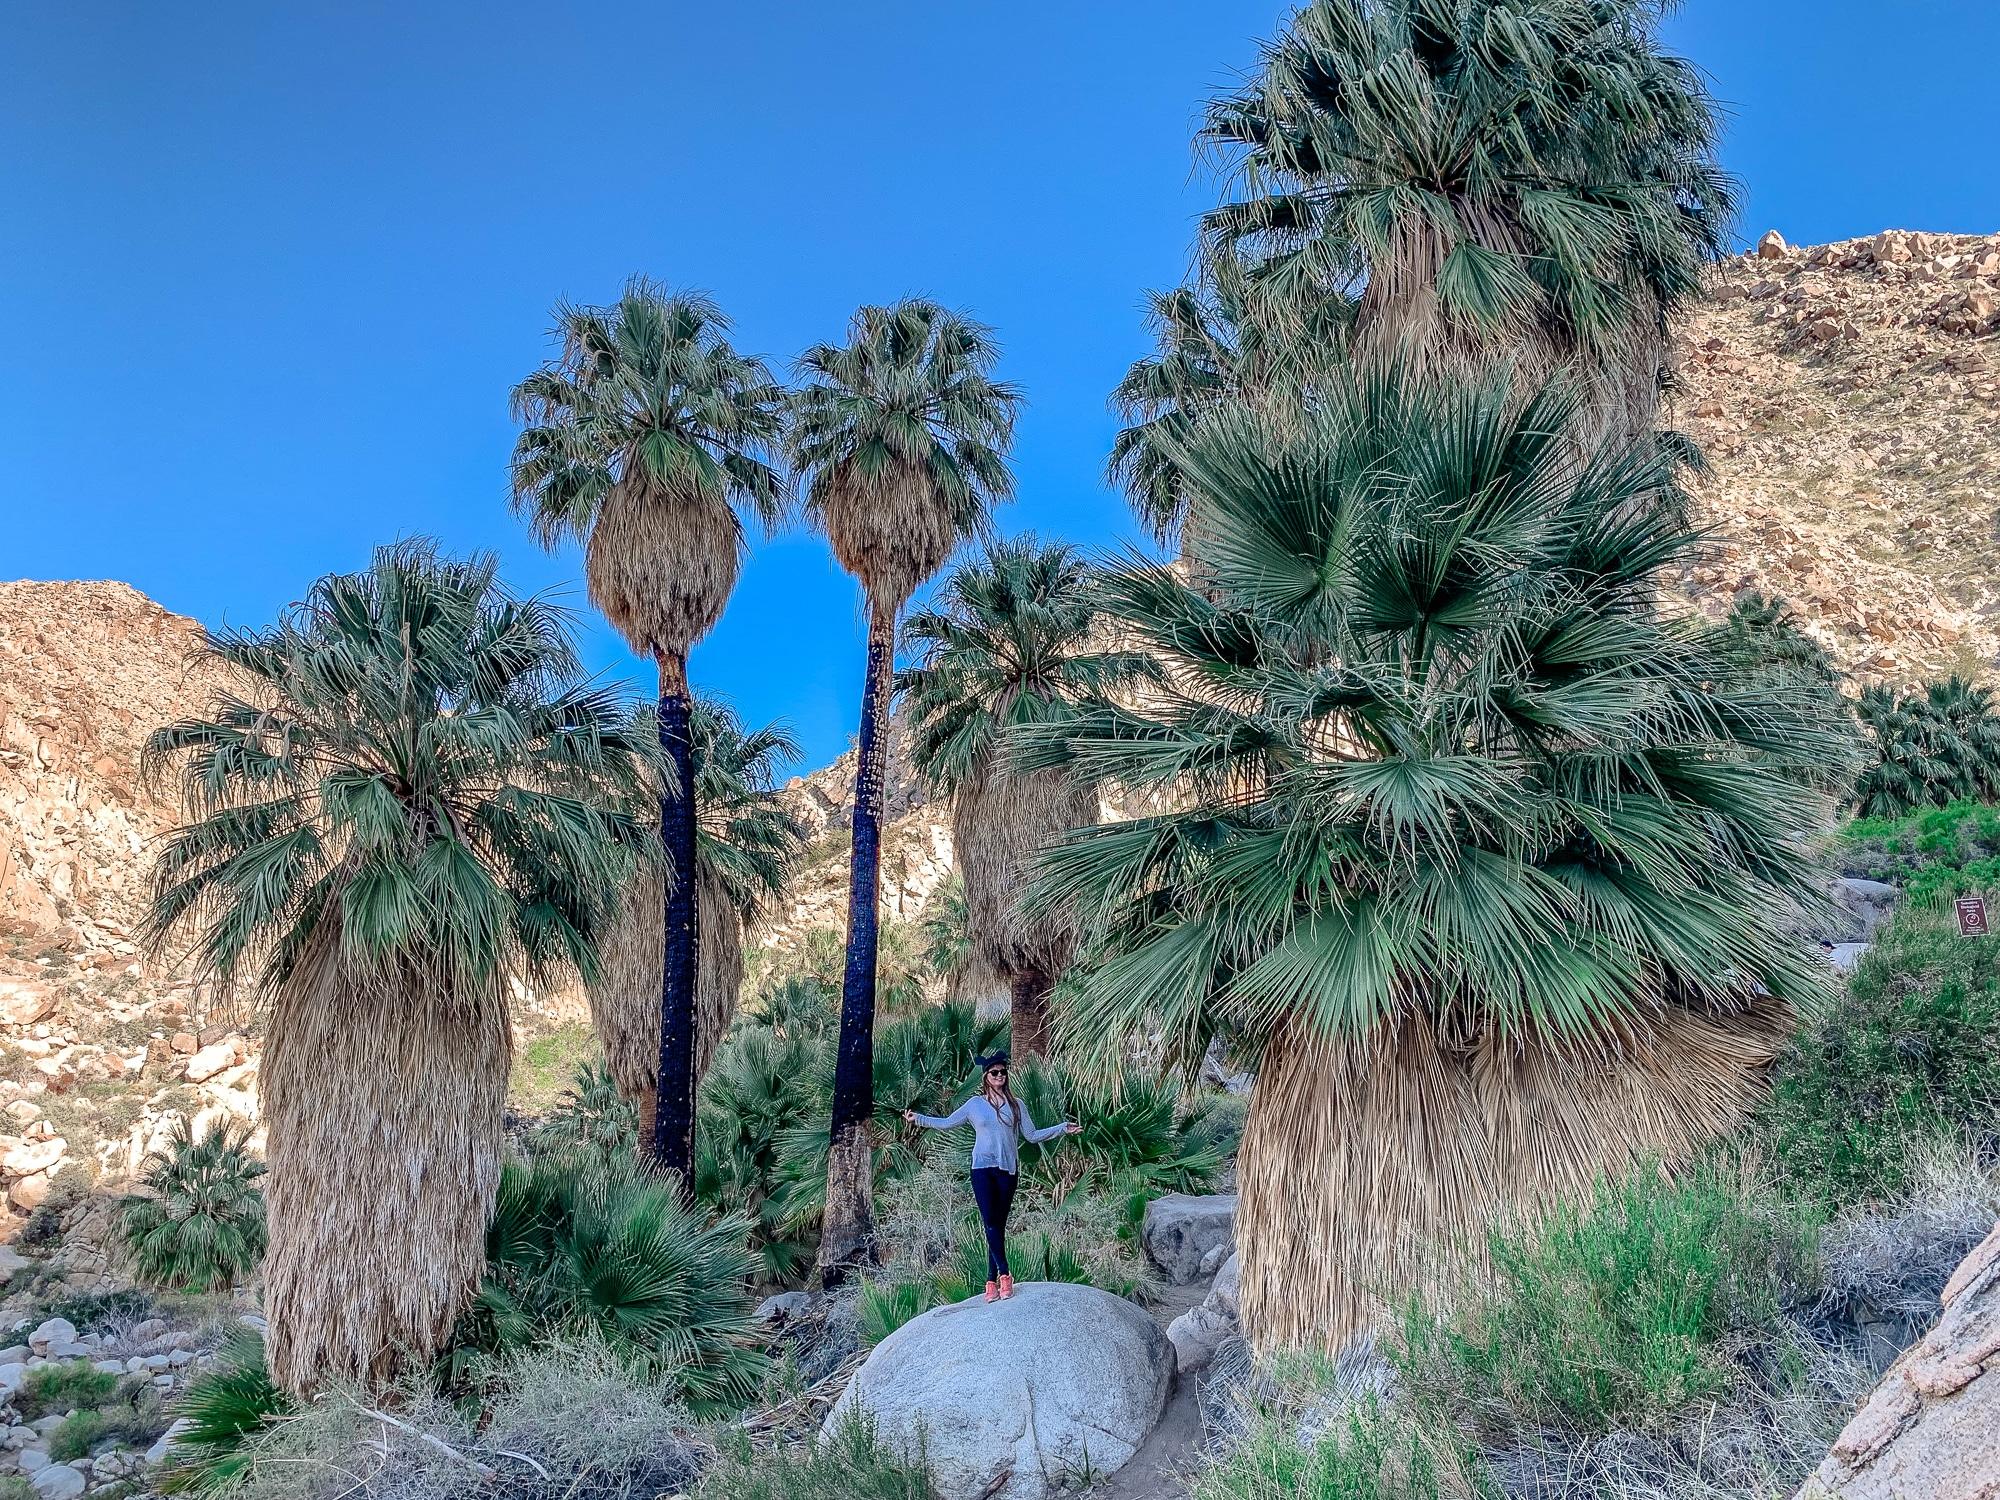 Joshua-Tree-Nationalpark: Die schönsten Sehenswürdigkeiten & Highlights - Fotynine Palms Oasis Trail